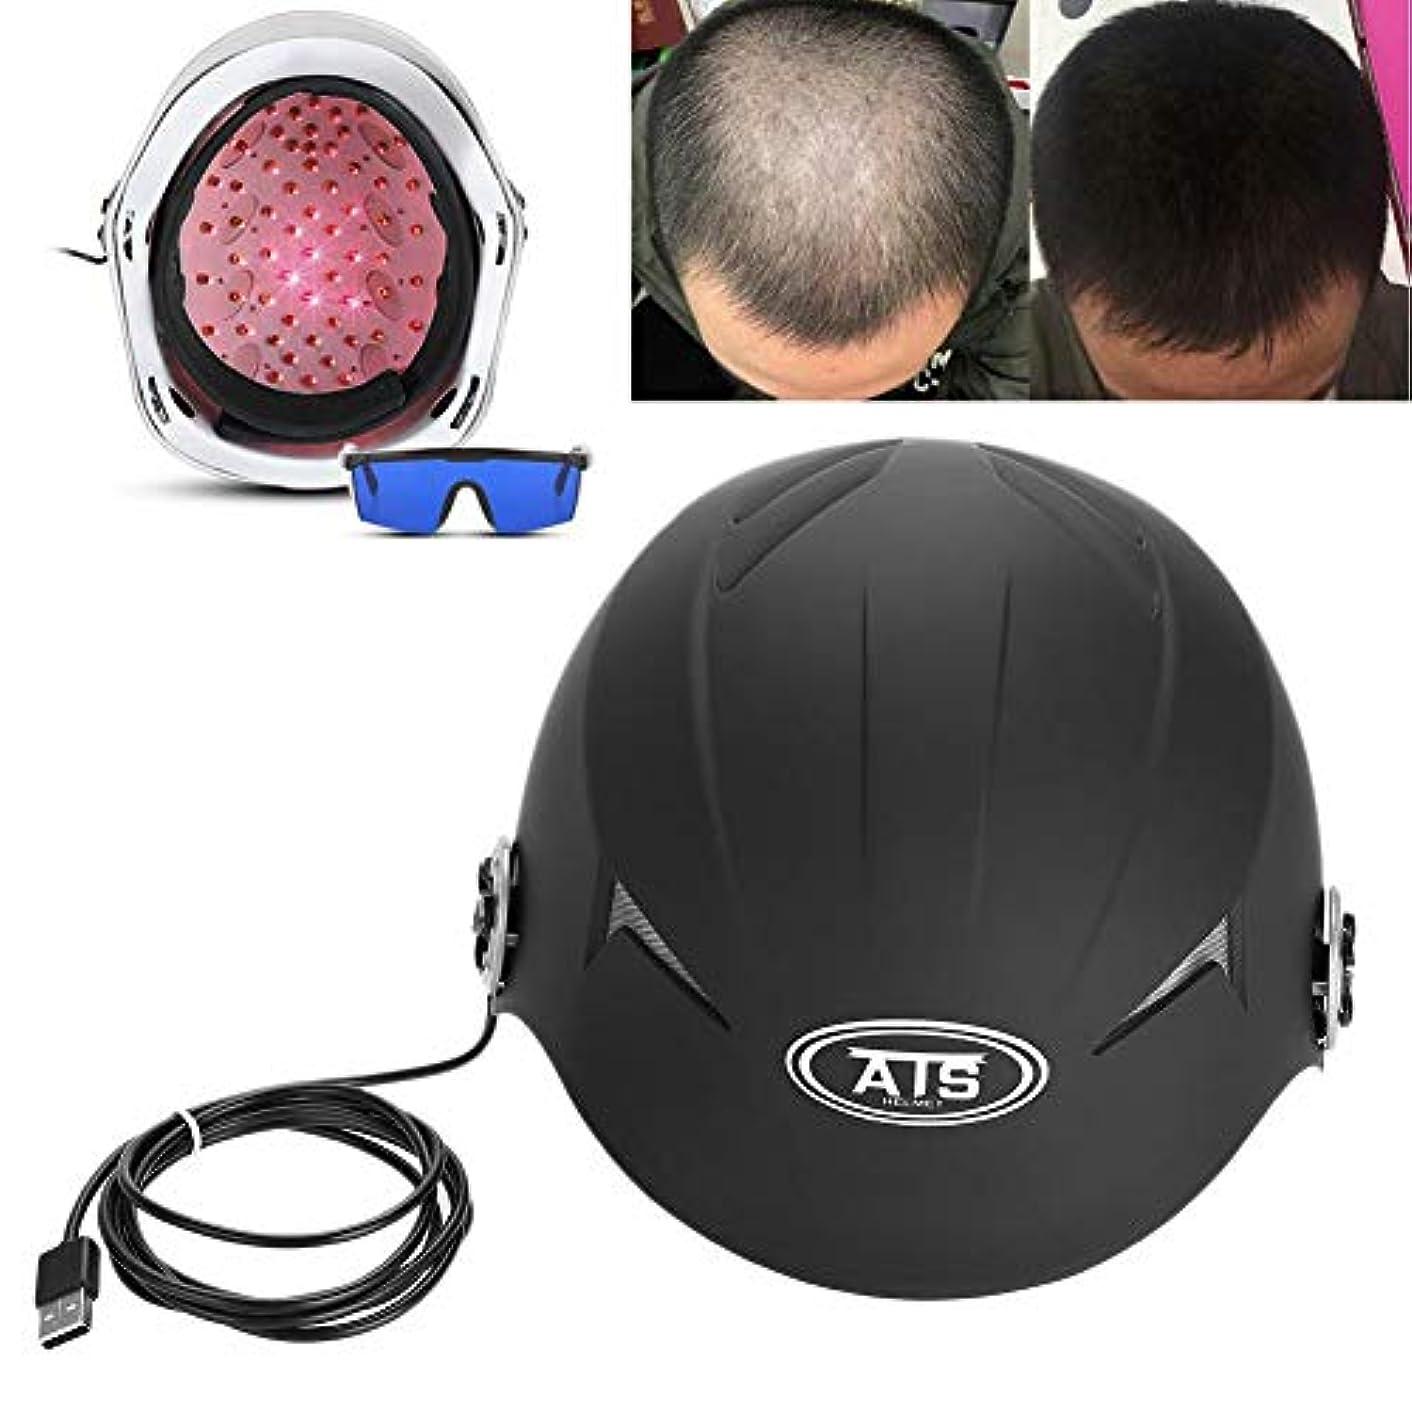 キャンセル解凍する、雪解け、霜解け展望台脱毛キャップ、脱毛ヘルメット、脱毛を減らす、女性と男性の脱毛ケア用のヘアキャップヘルメット